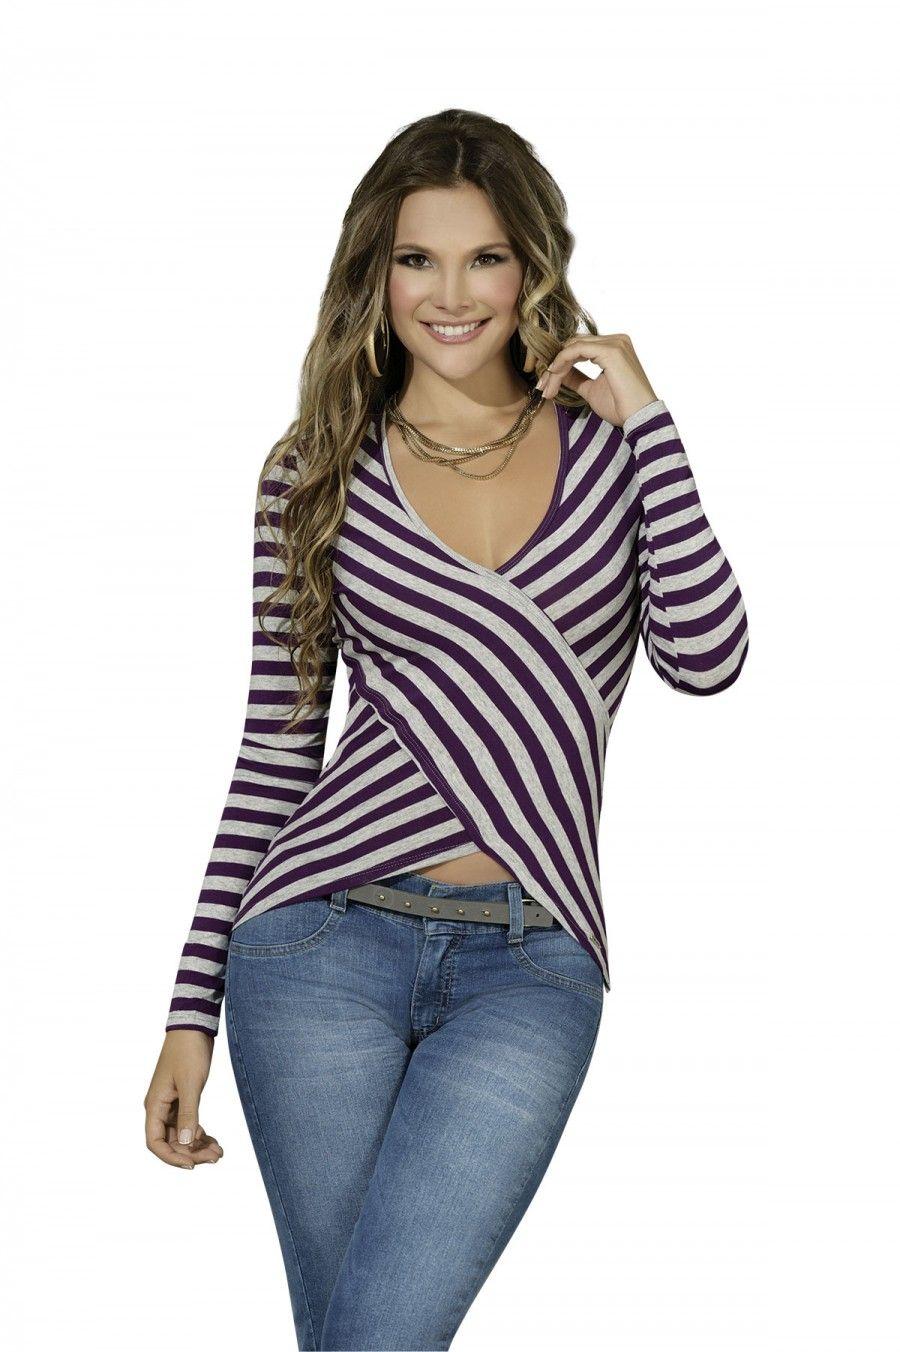 Blusas elegantes de moda buscar con google blusas - Blusas de ultima moda ...